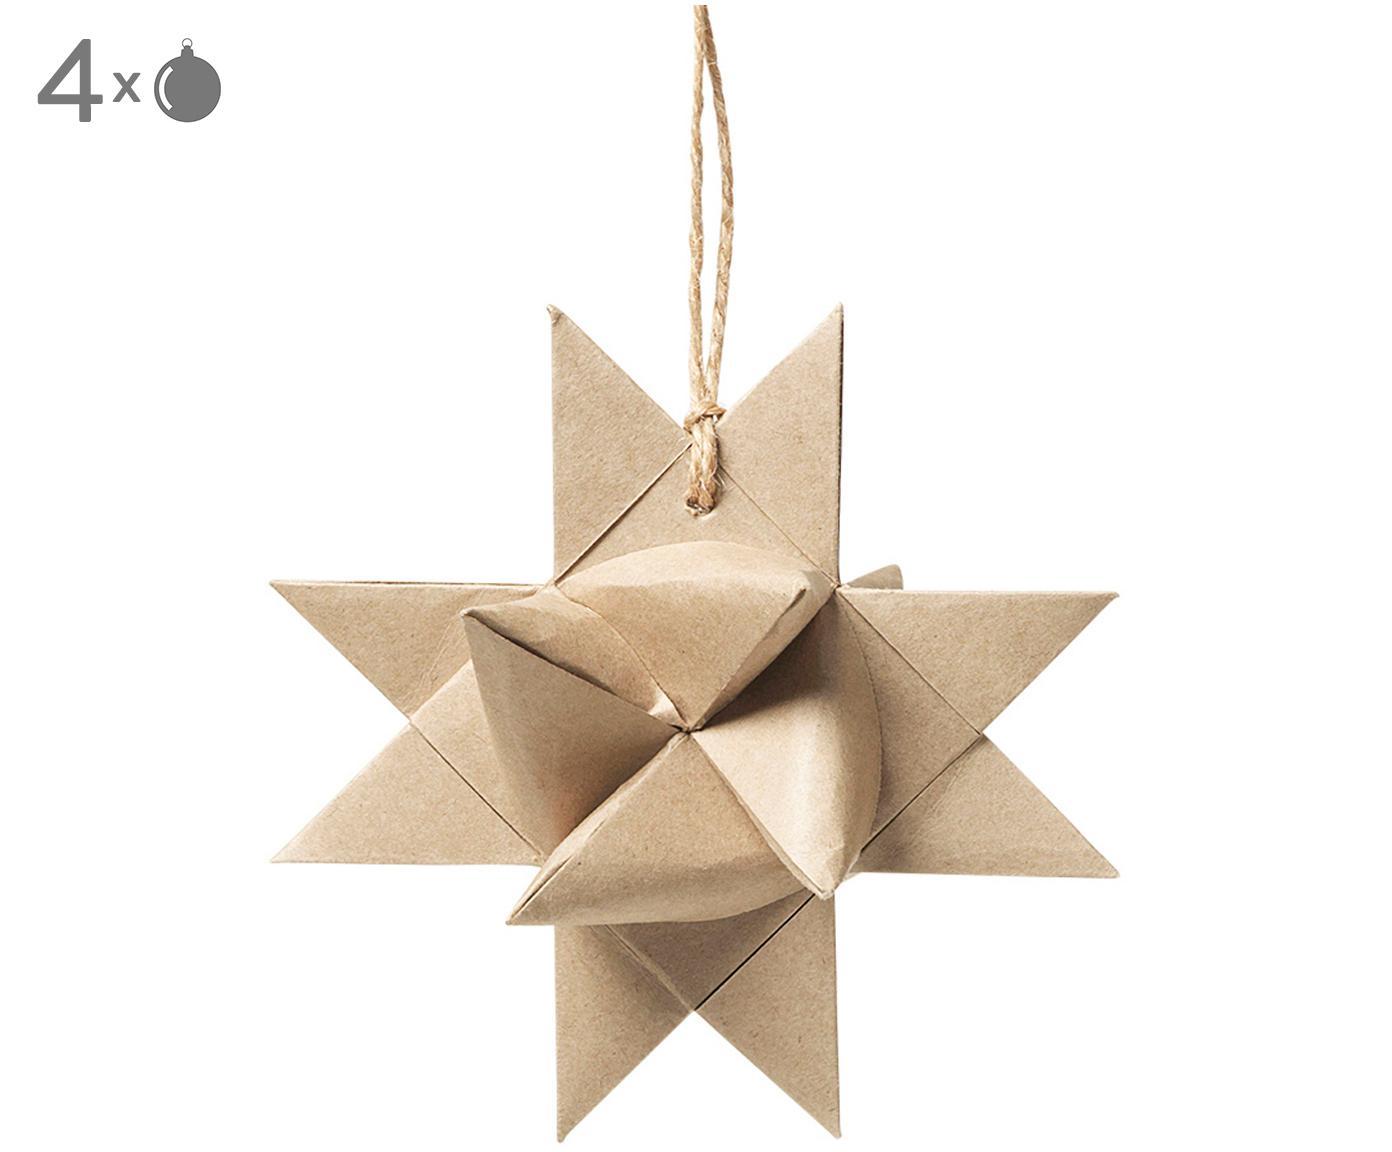 Ozdoba choinkowa Star Origami, 4szt., Papier, Beżowy, S 11 x G 11 cm